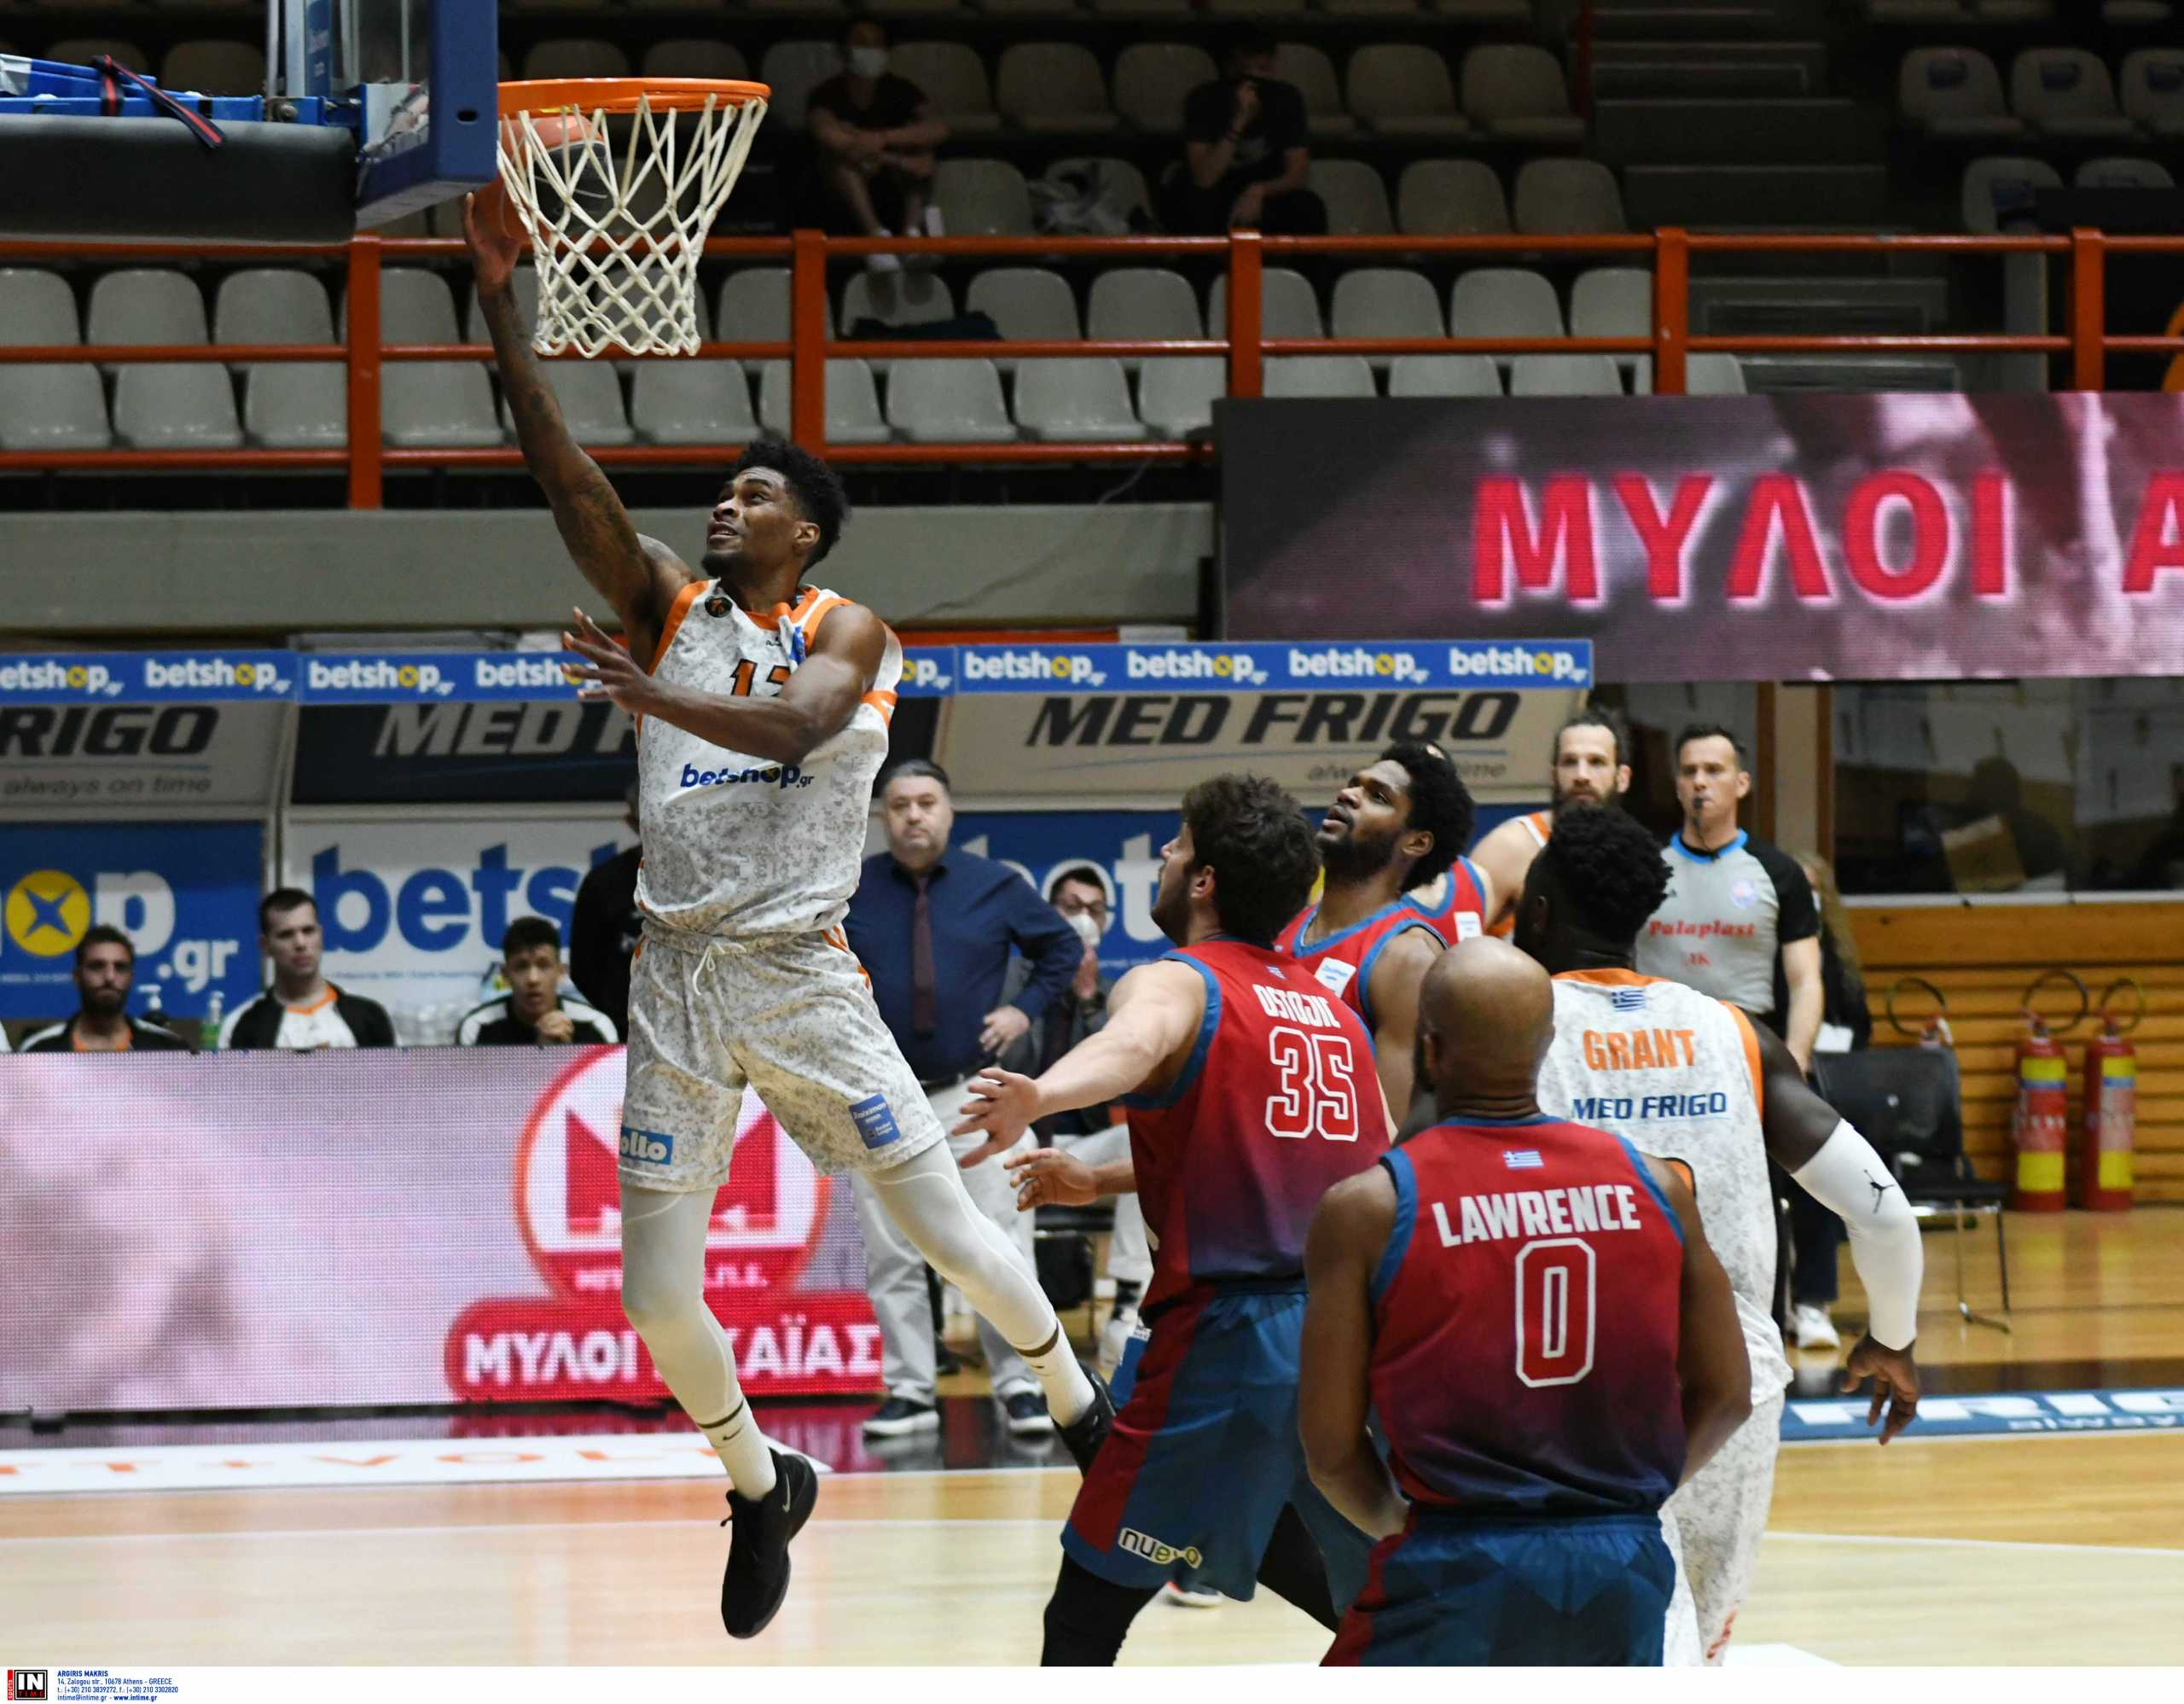 Basket League: Σώθηκε η Λάρισα, υποβιβάστηκε το Μεσολόγγι (video)